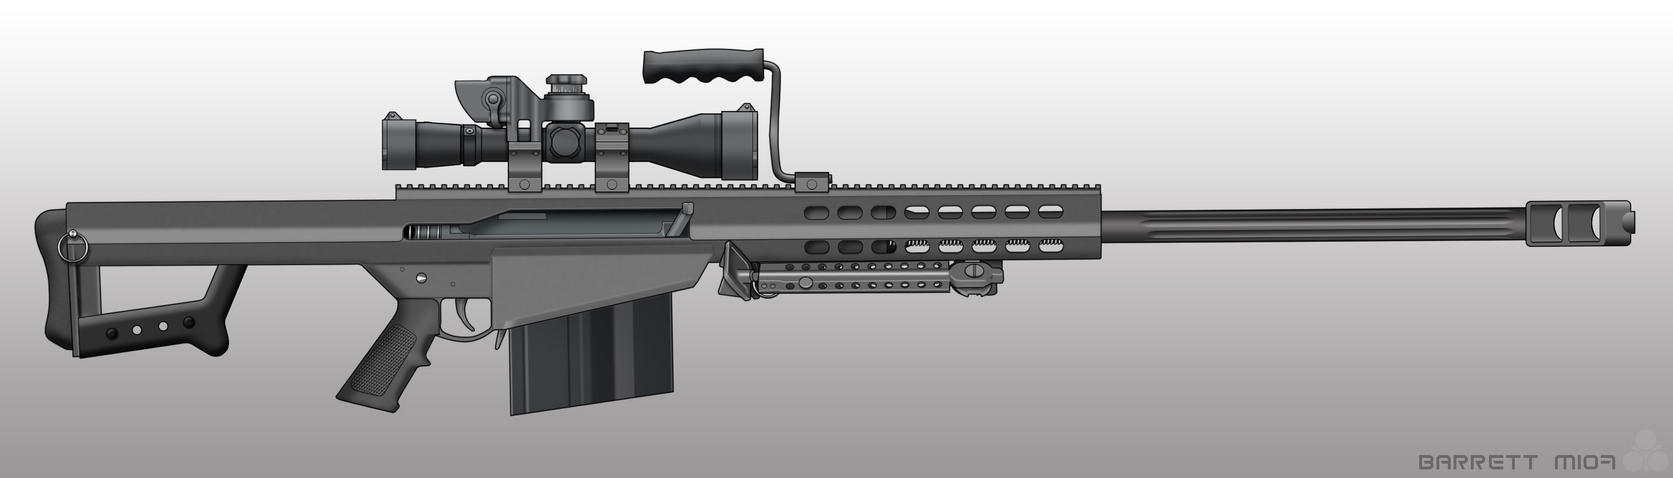 Barrett m107 by pabumus  M107